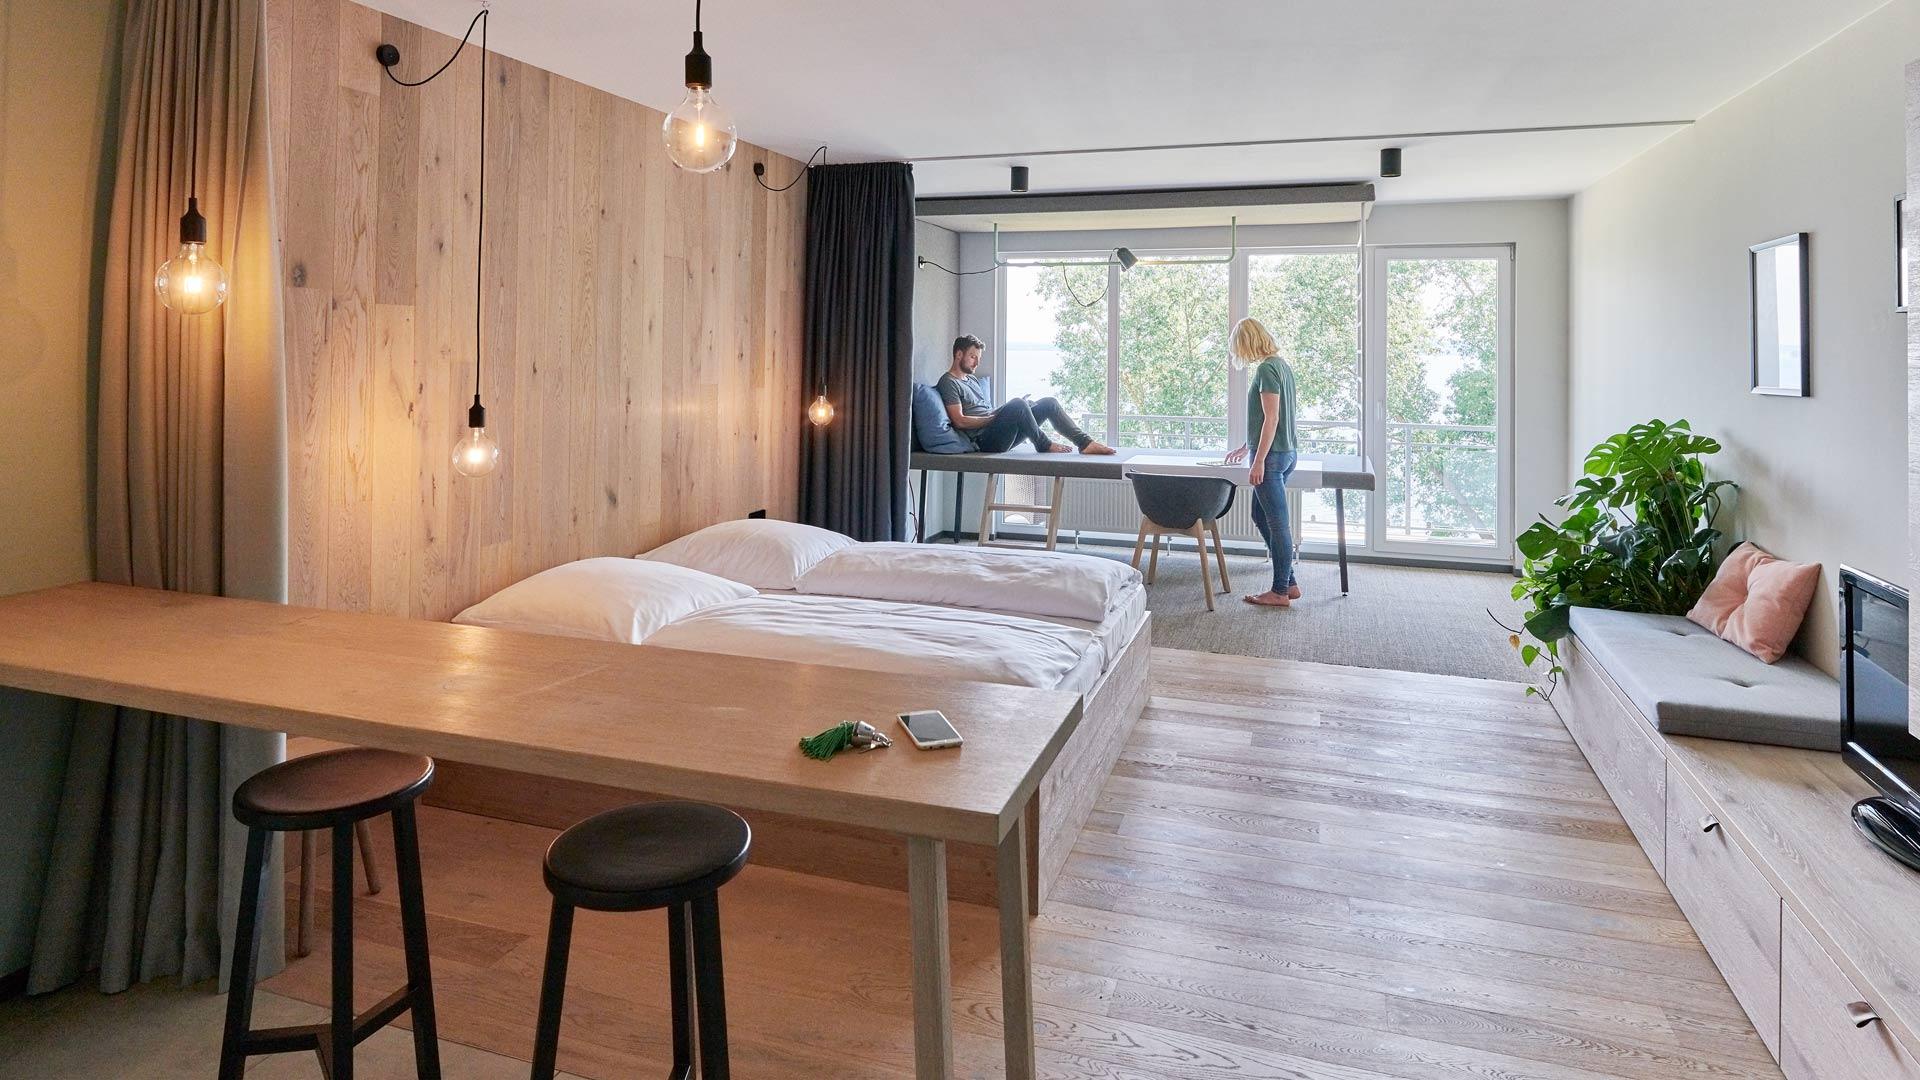 Wellnesshotel in Schleswig-Holstein